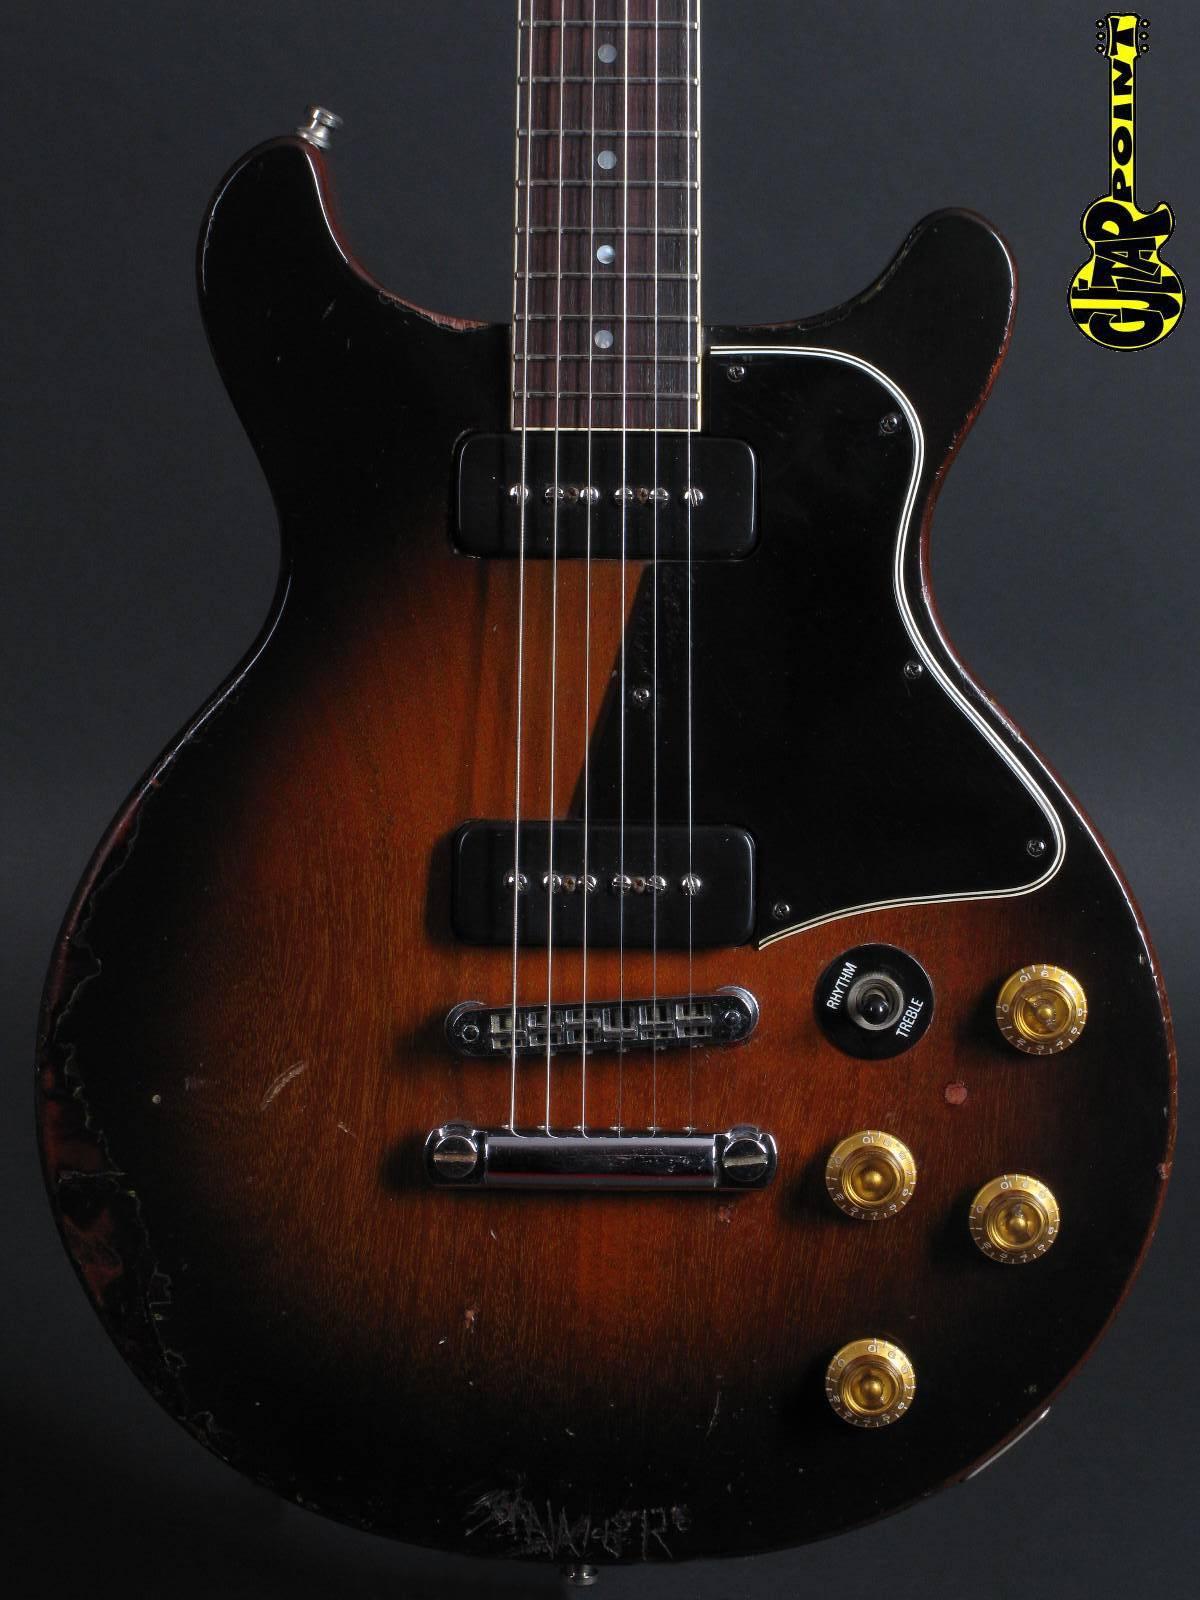 1980 Gibson Les Paul Special DC Sunburst